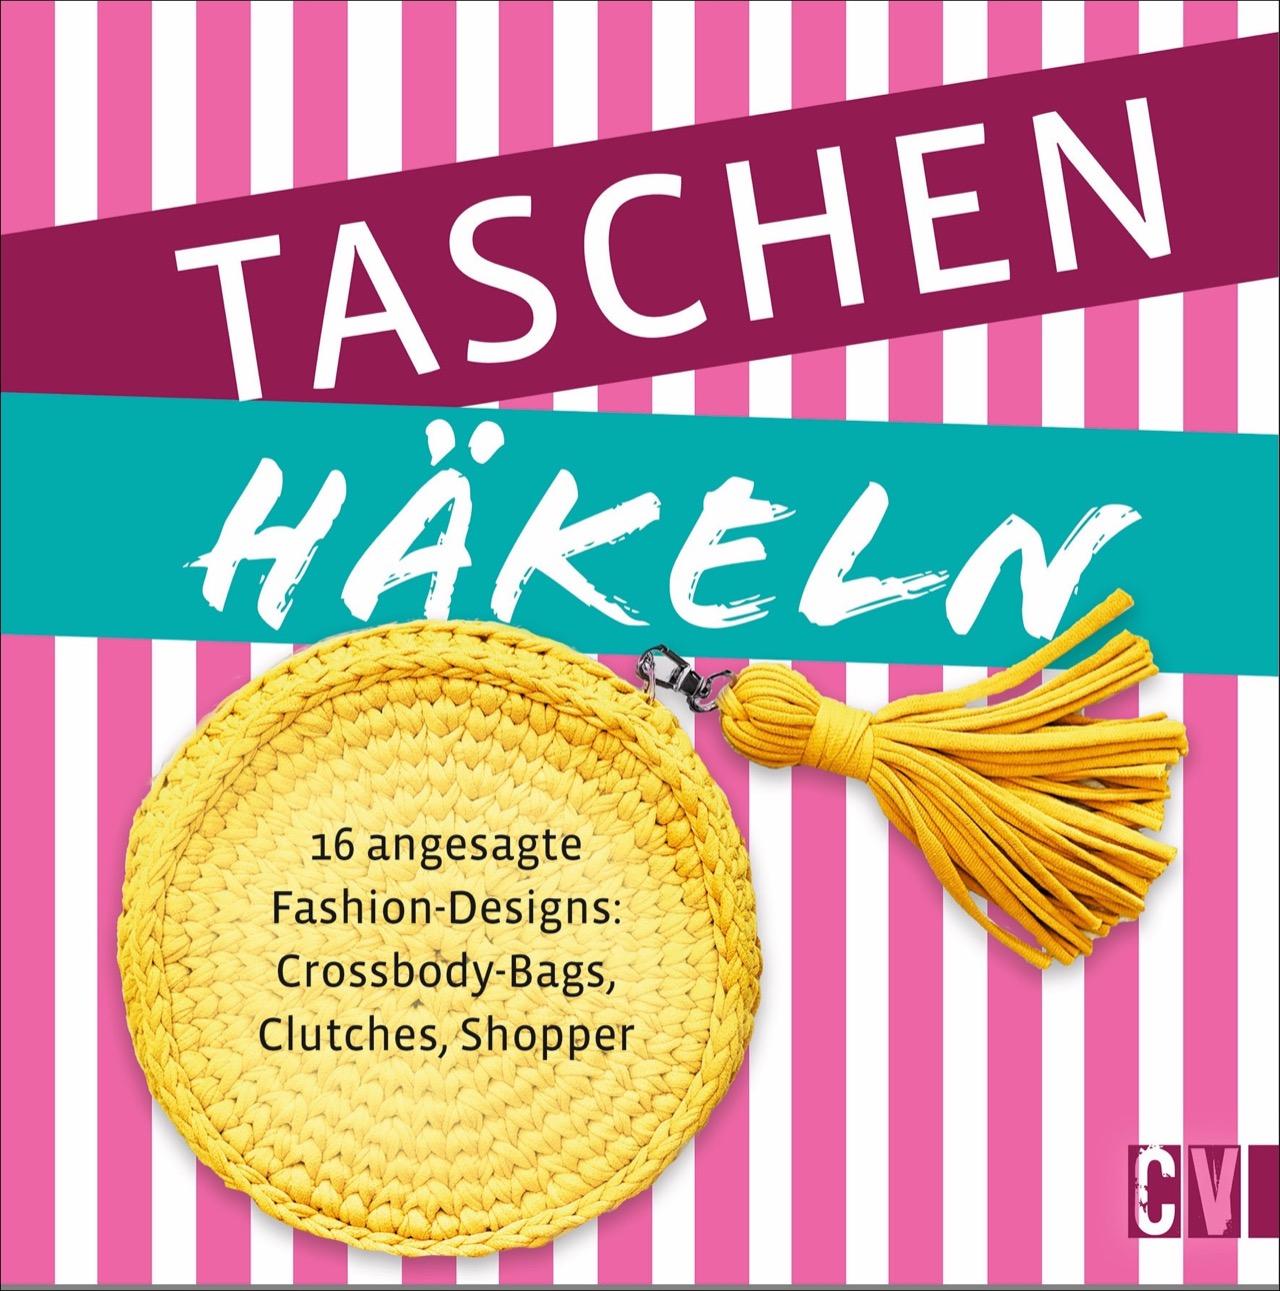 Taschen Häkeln Von Huple Rasa 16 Angesagte Fashion Designs Crossbo